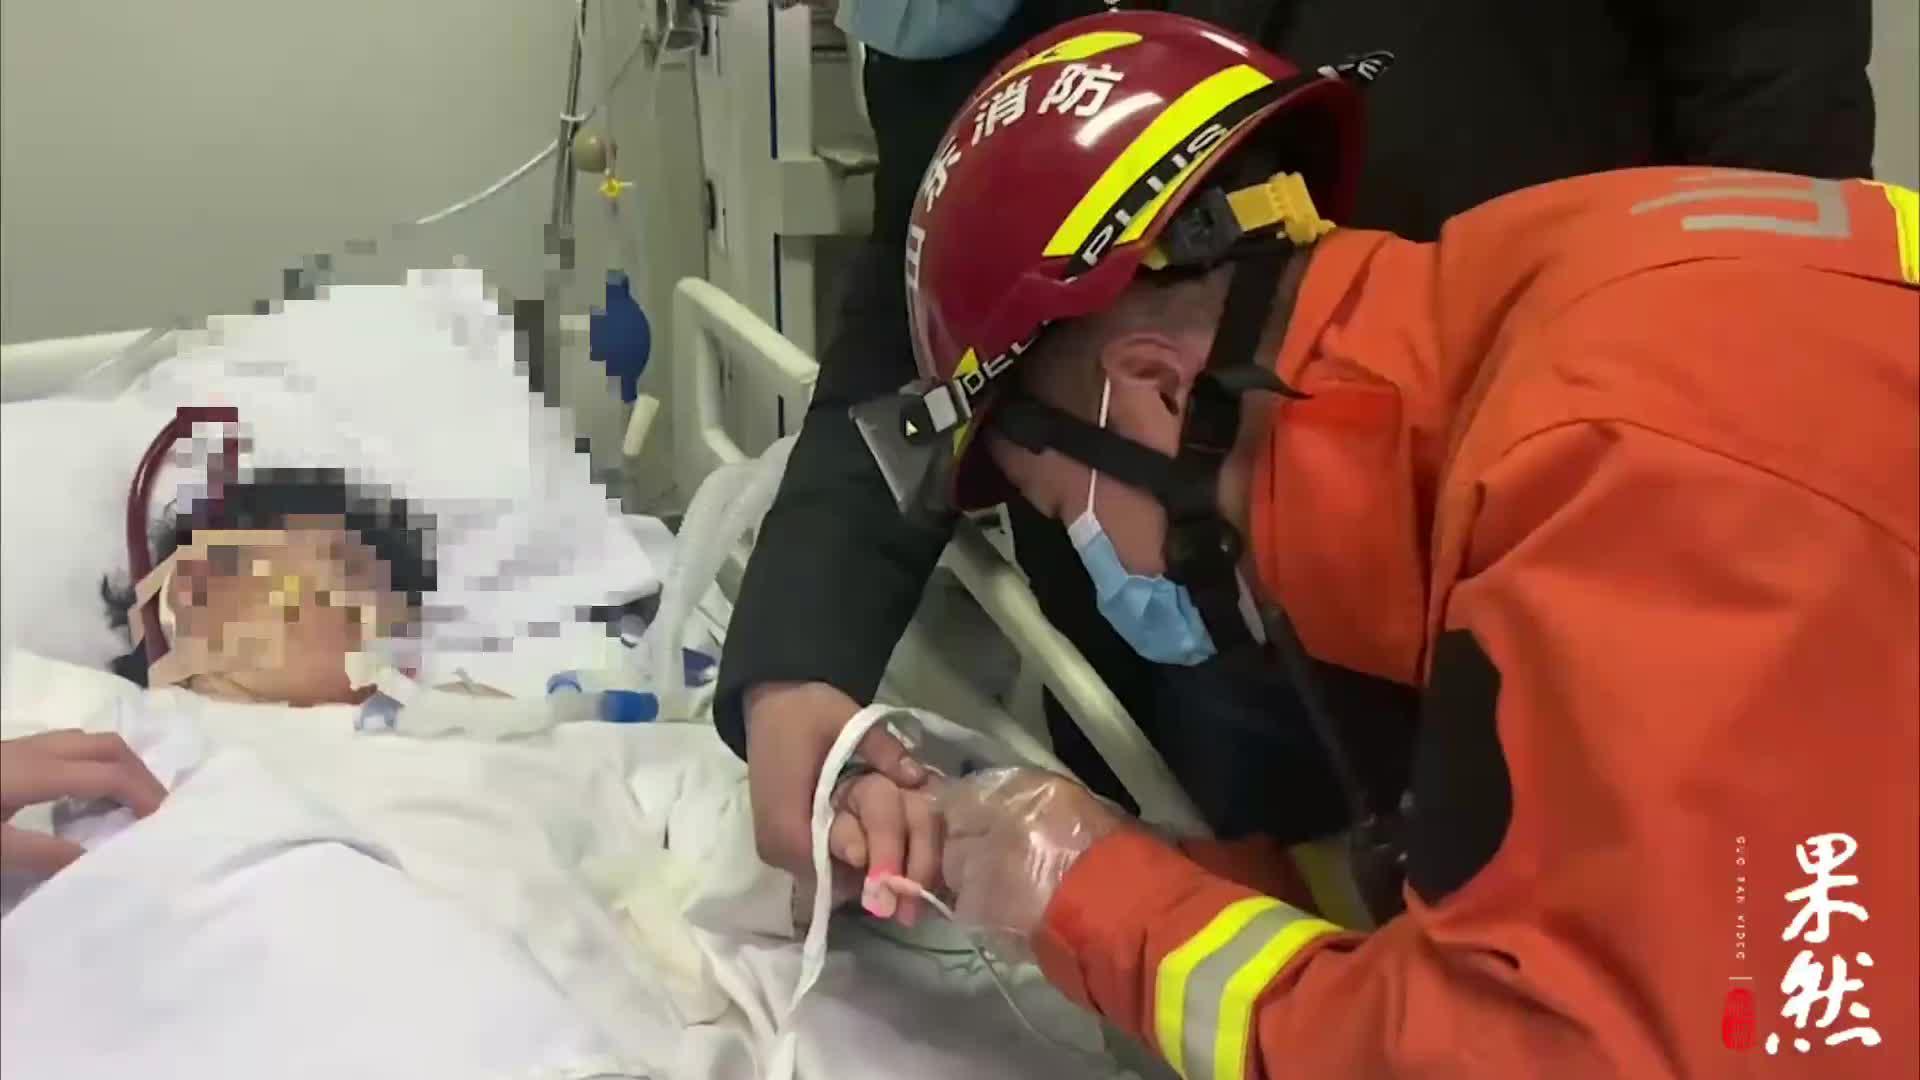 果然视频丨聊城一病人因浮肿致戒指卡手,消防员帮忙